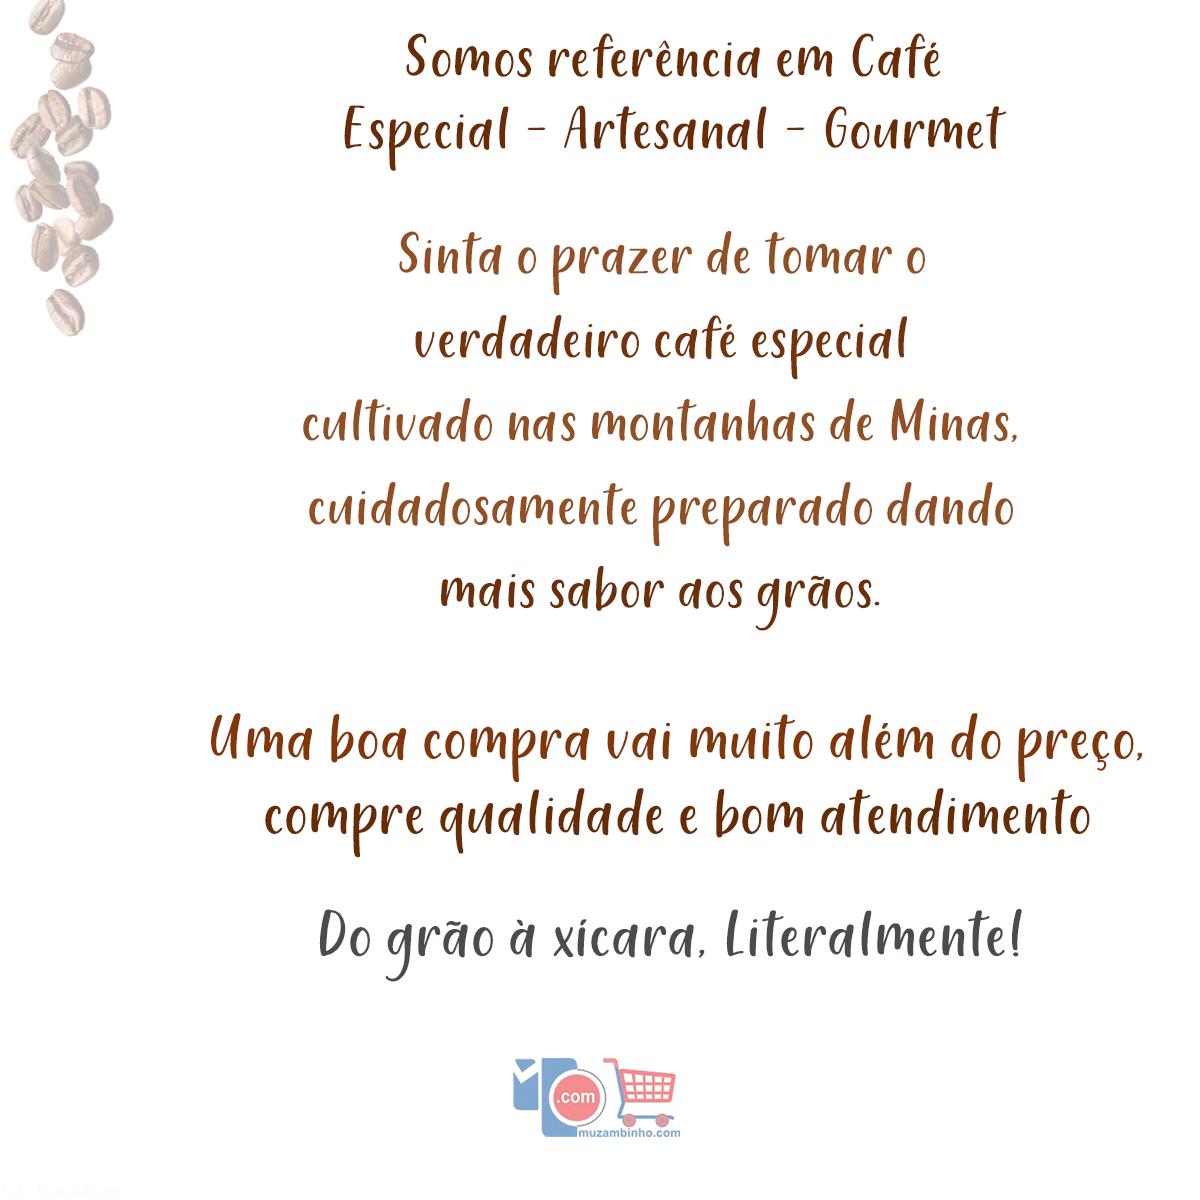 Café Carruá Torrado e Moído 500Gr. 100% Arábica - Cafés Especiais